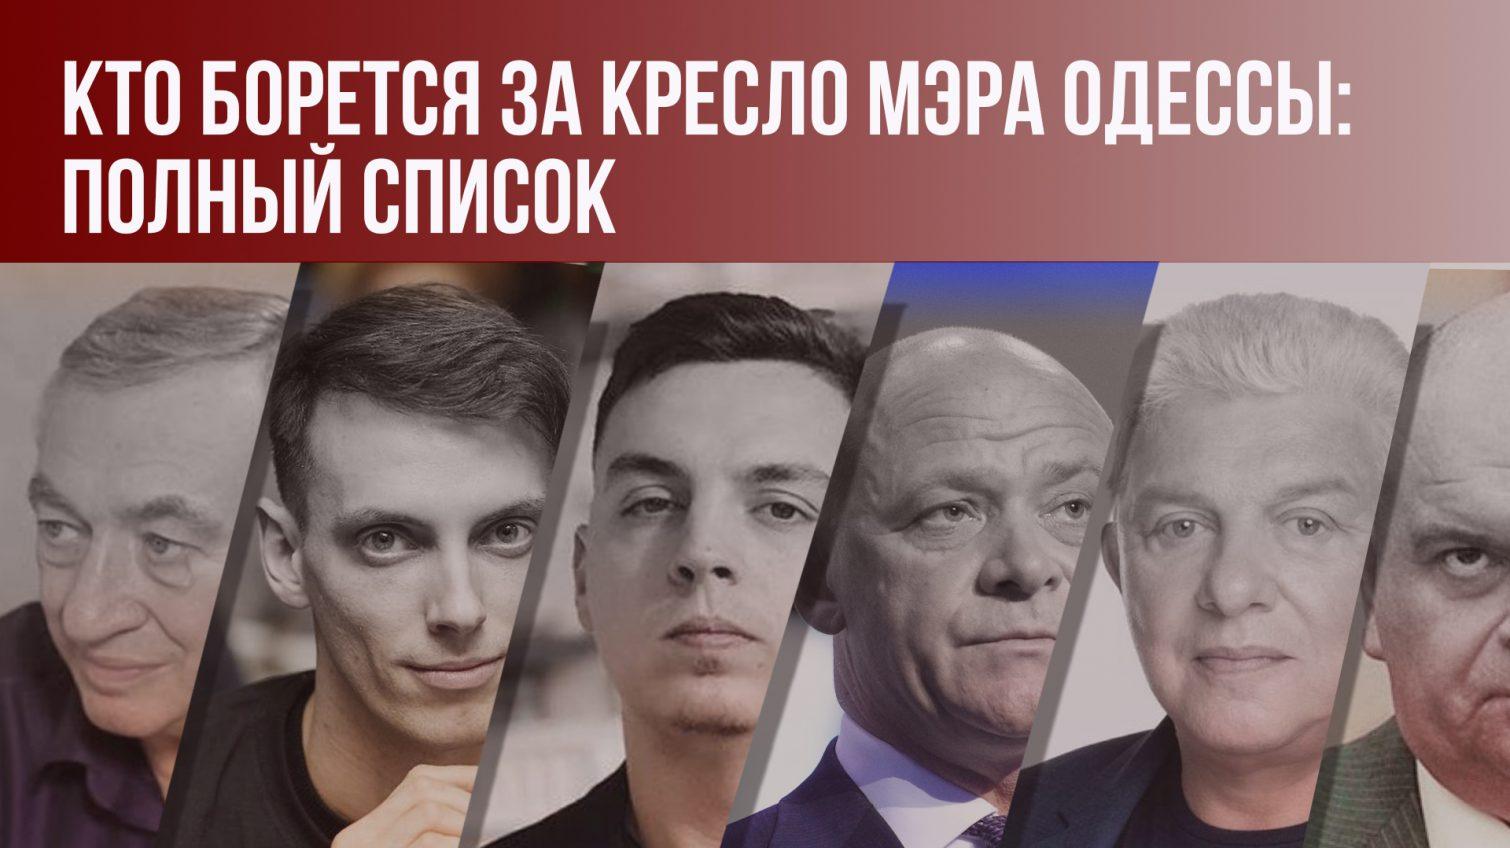 Кто борется за кресло мэра Одессы: полный список «фото»